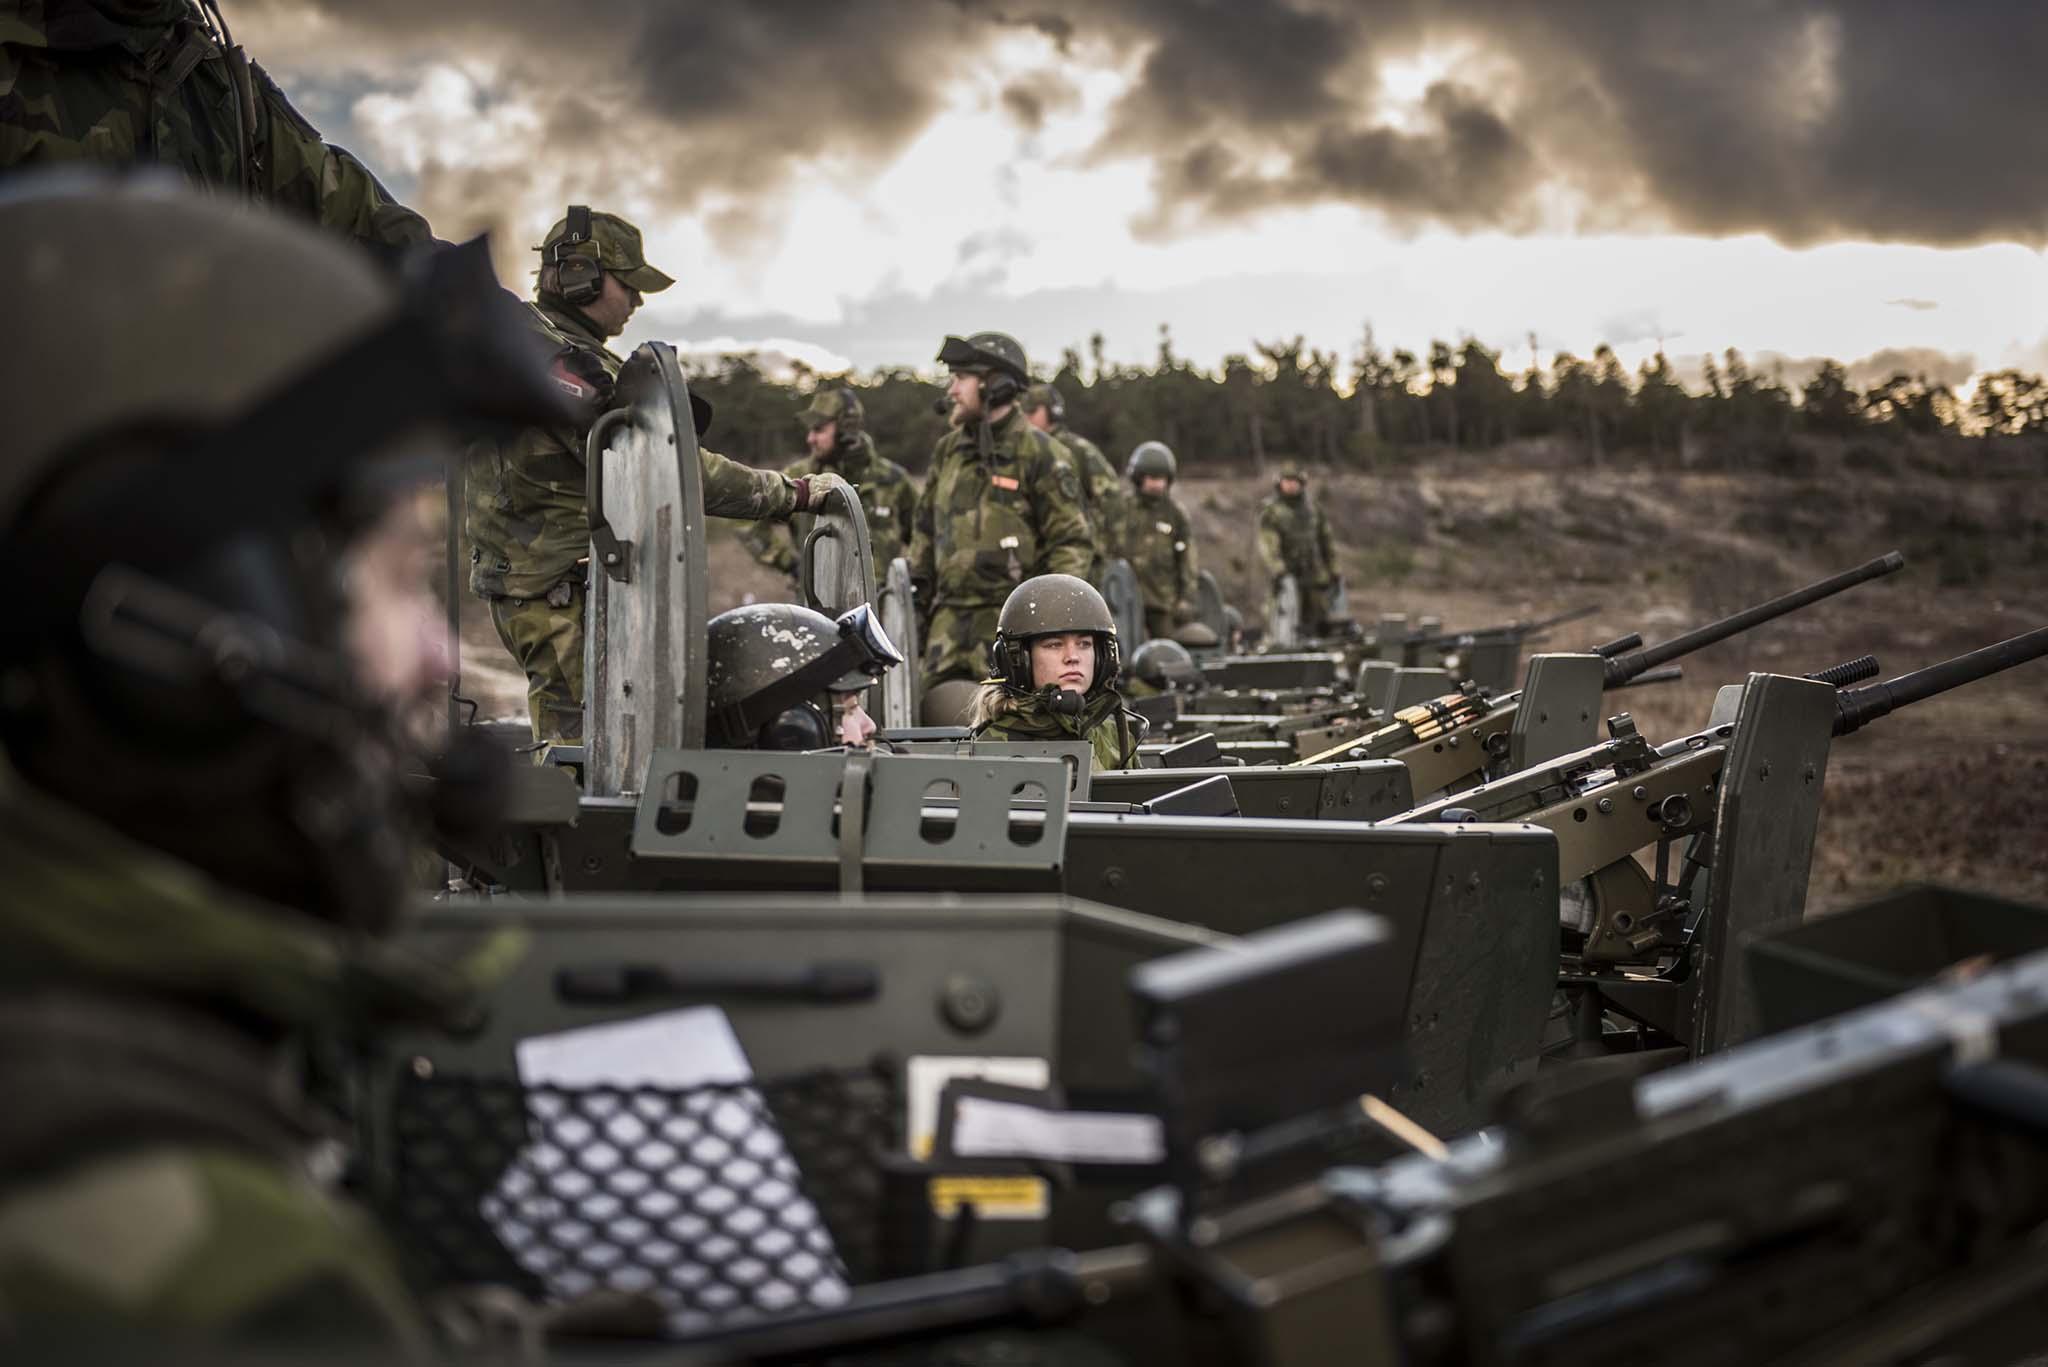 Svenskene frykter angrep